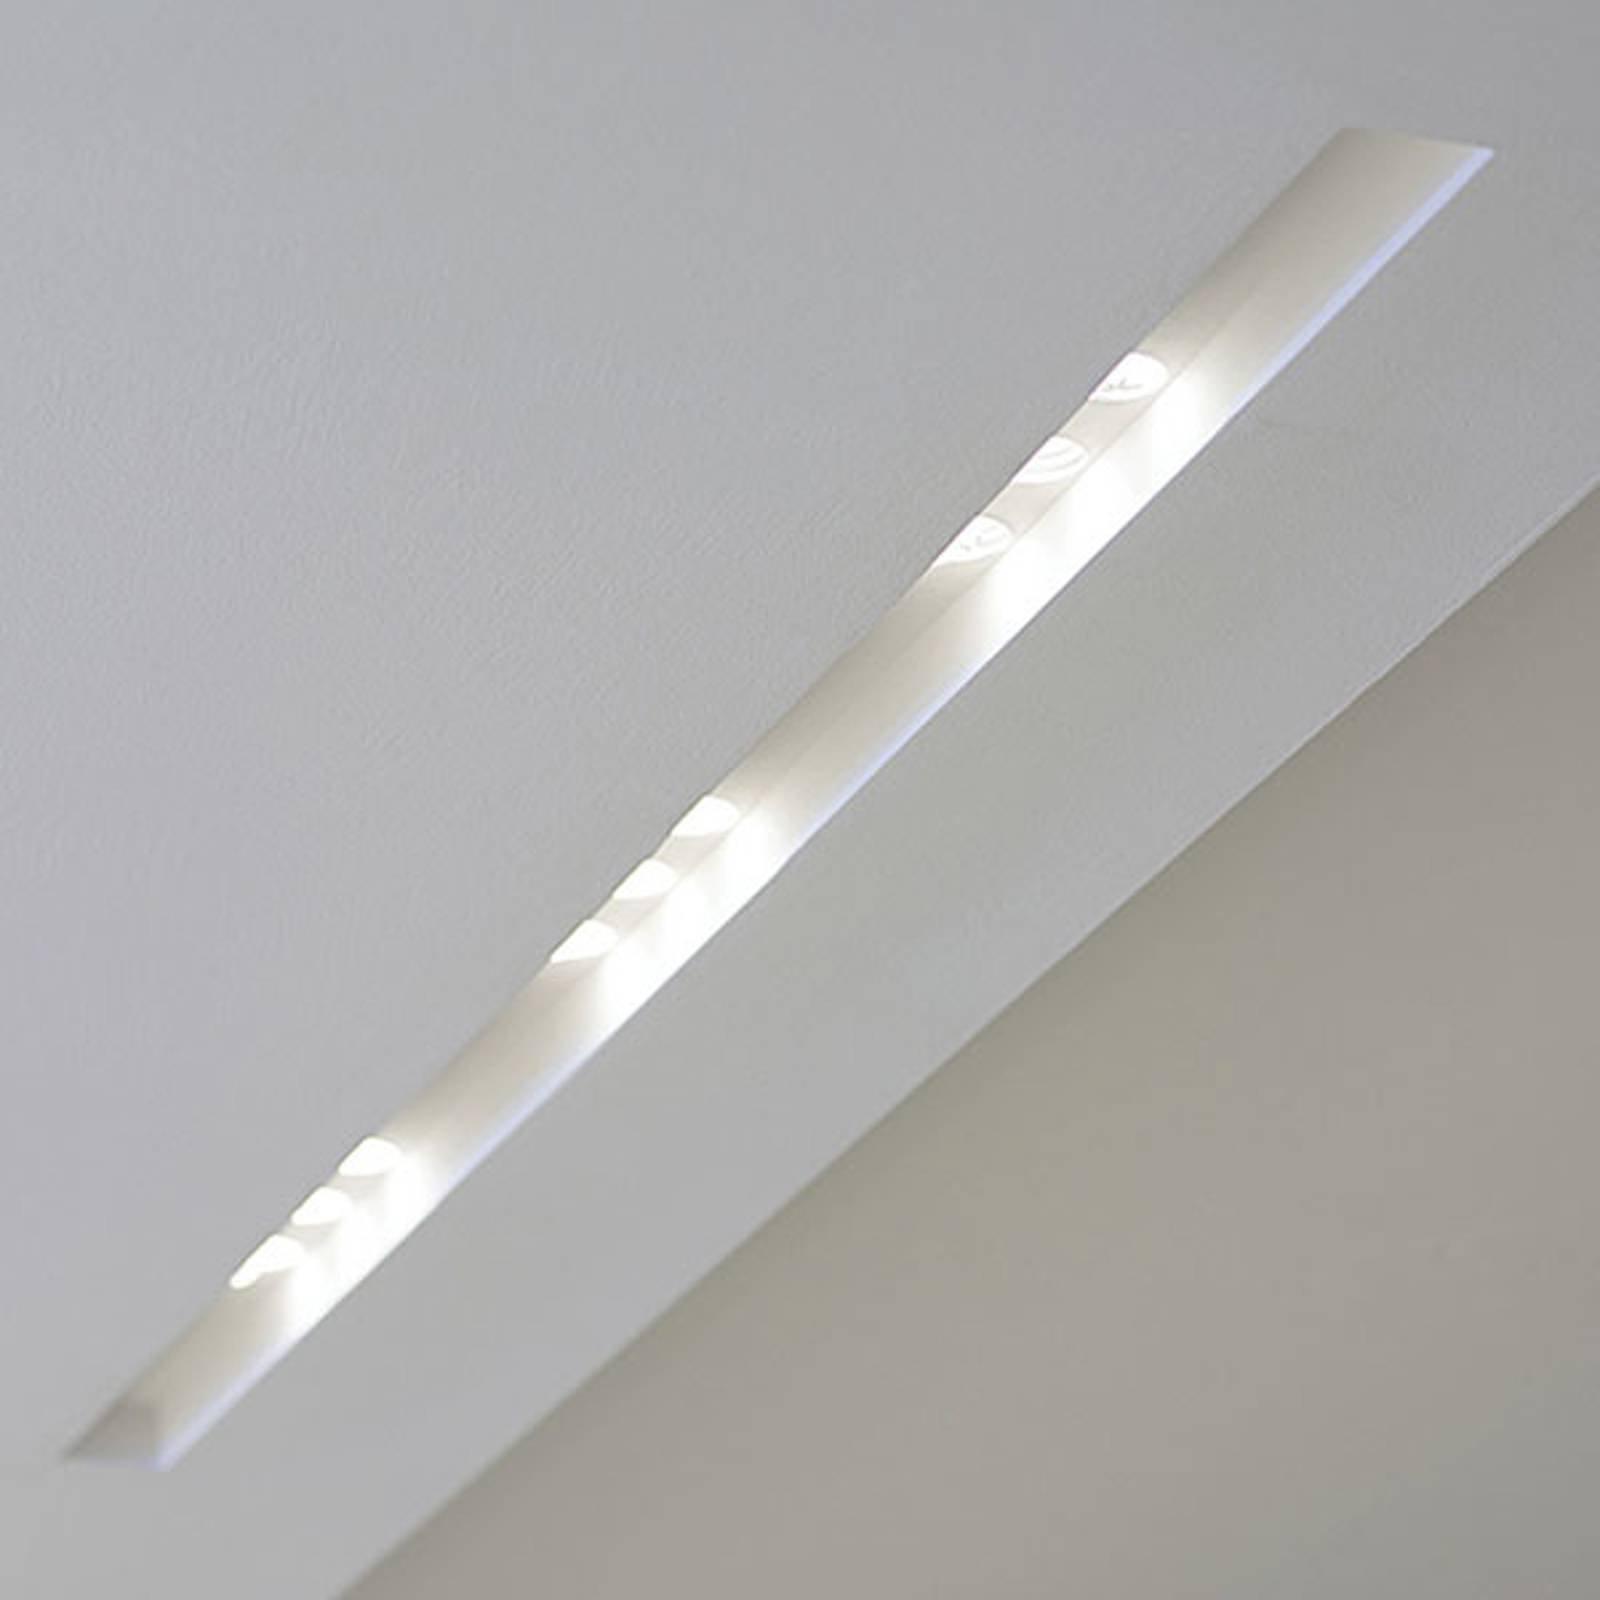 Innbygget LED-taklampe 4191I GU10 lengde 62 cm